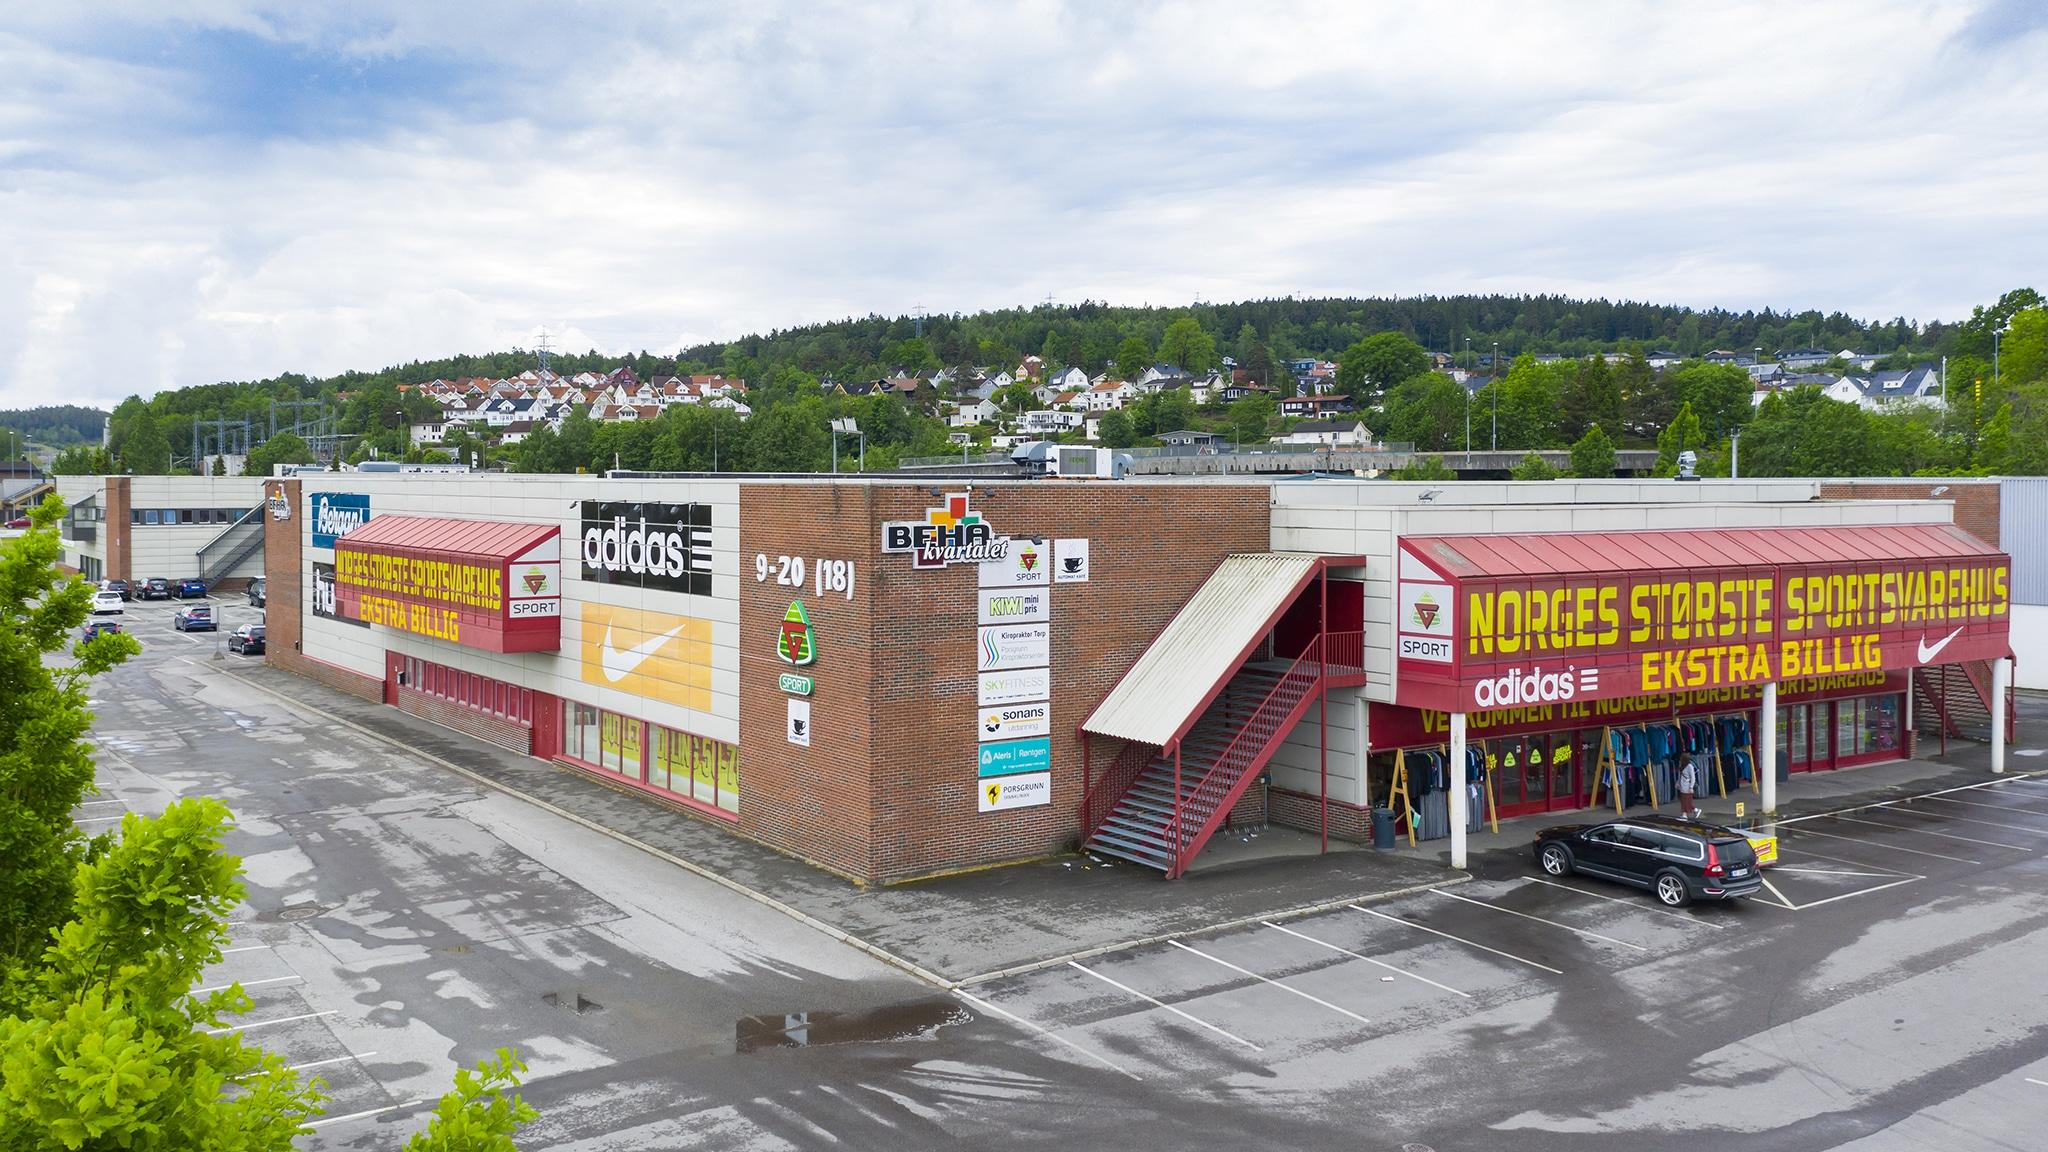 Butikklokale beha kvartalet C E Berg Hanssens gate porsgrunn 5